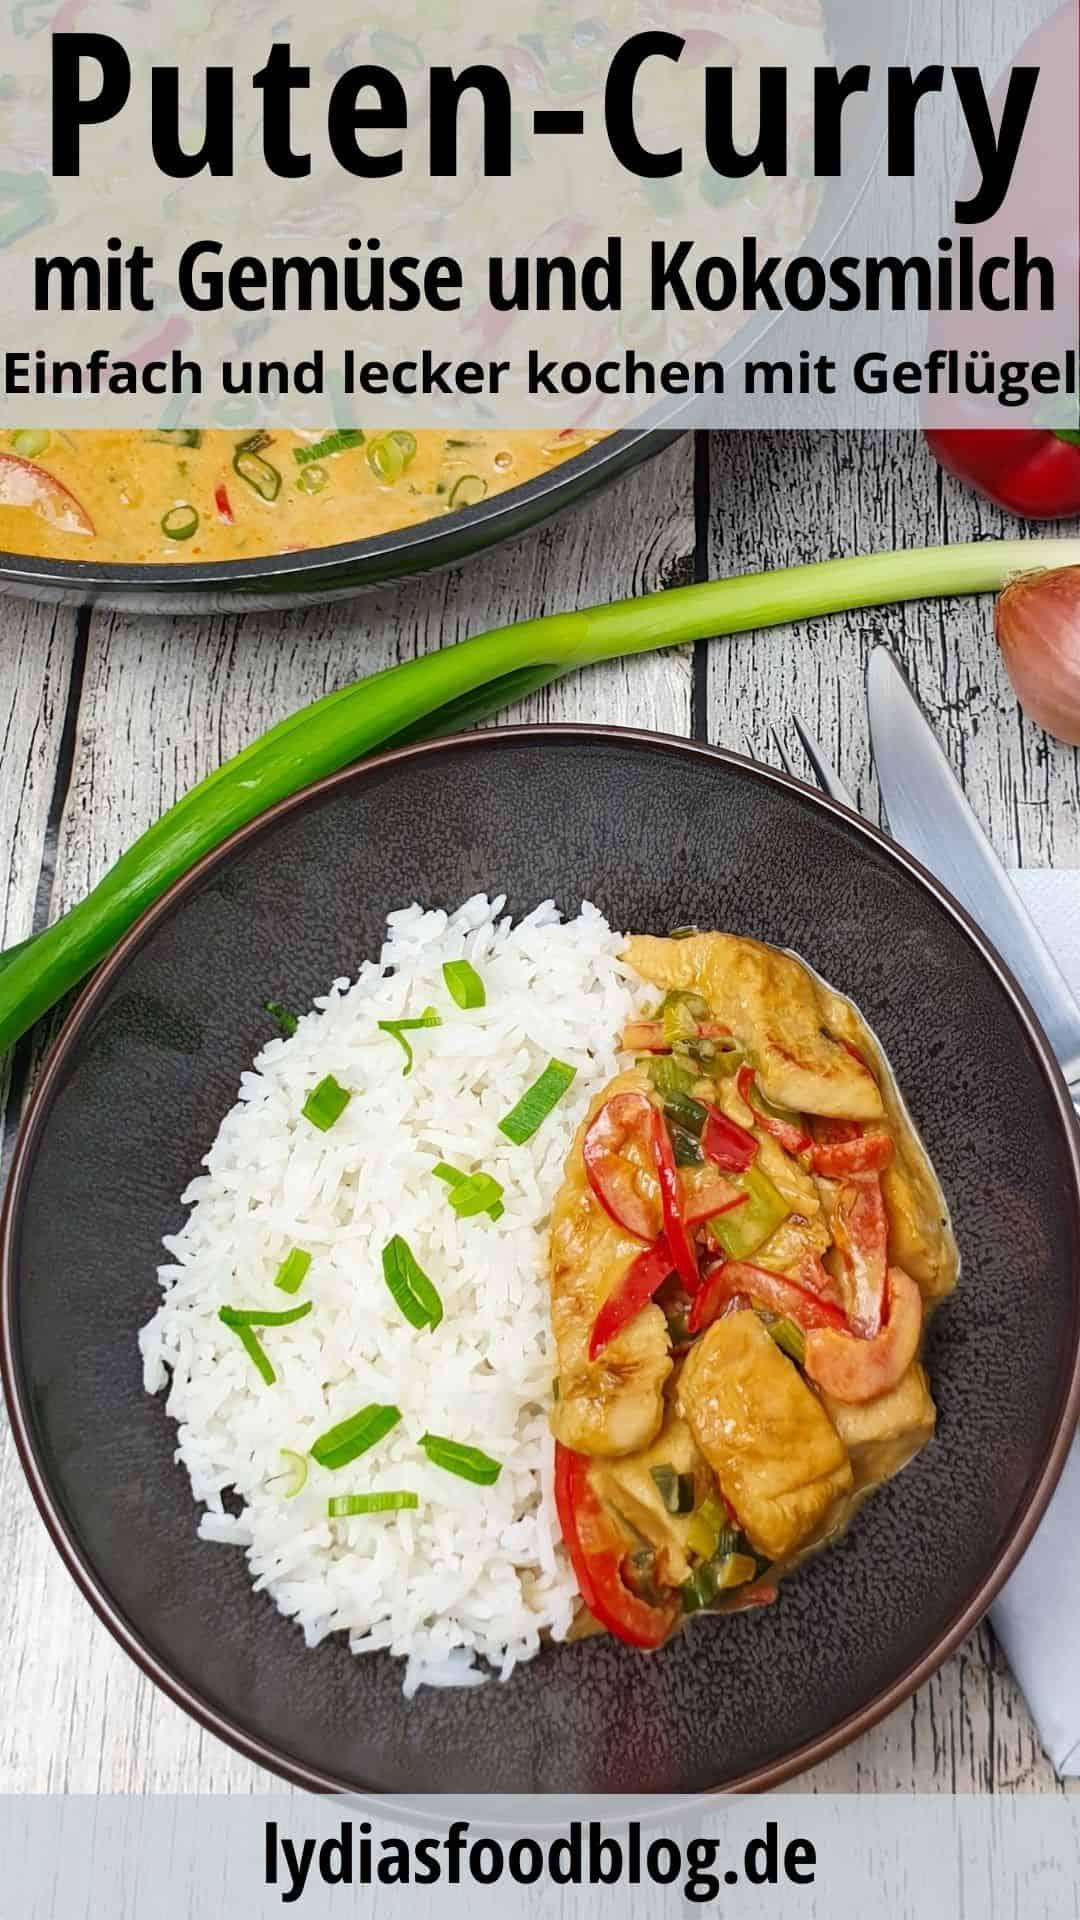 In einer braunen Schale Putencurry mit Gemüse und Basmati Reis mit Lauch bestreut.